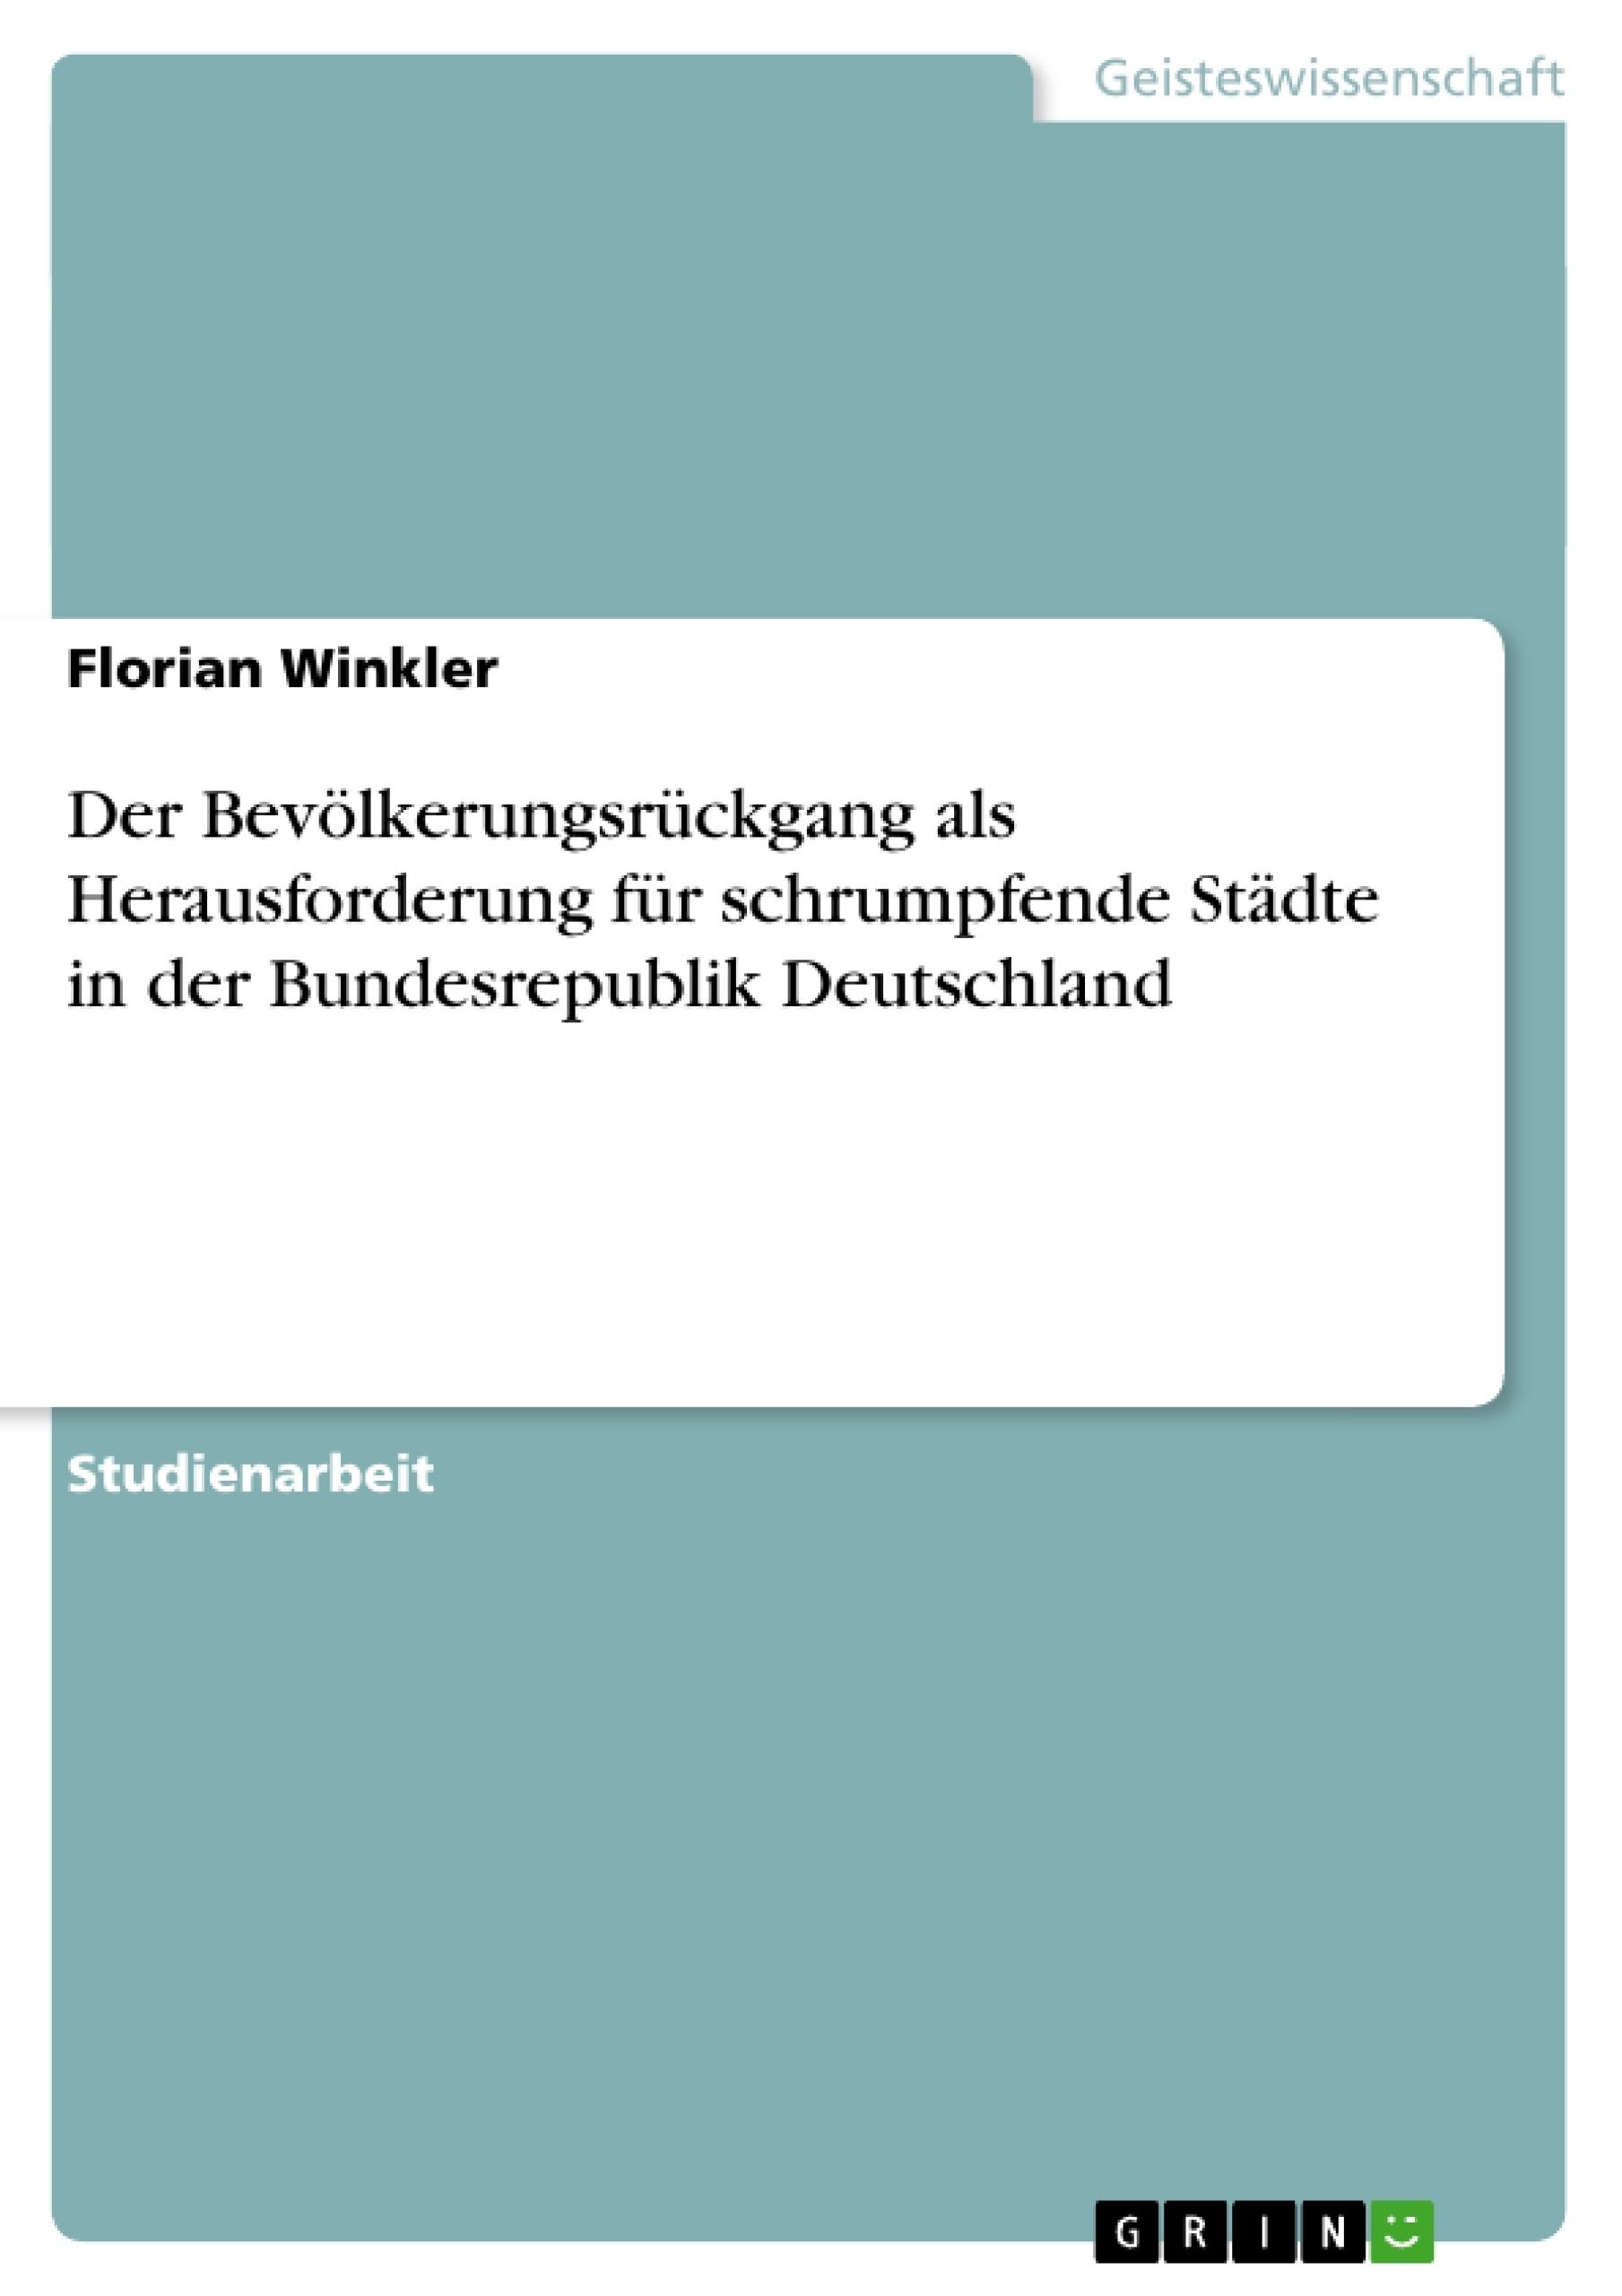 Titel: Der Bevölkerungsrückgang als Herausforderung für schrumpfende Städte in der Bundesrepublik Deutschland